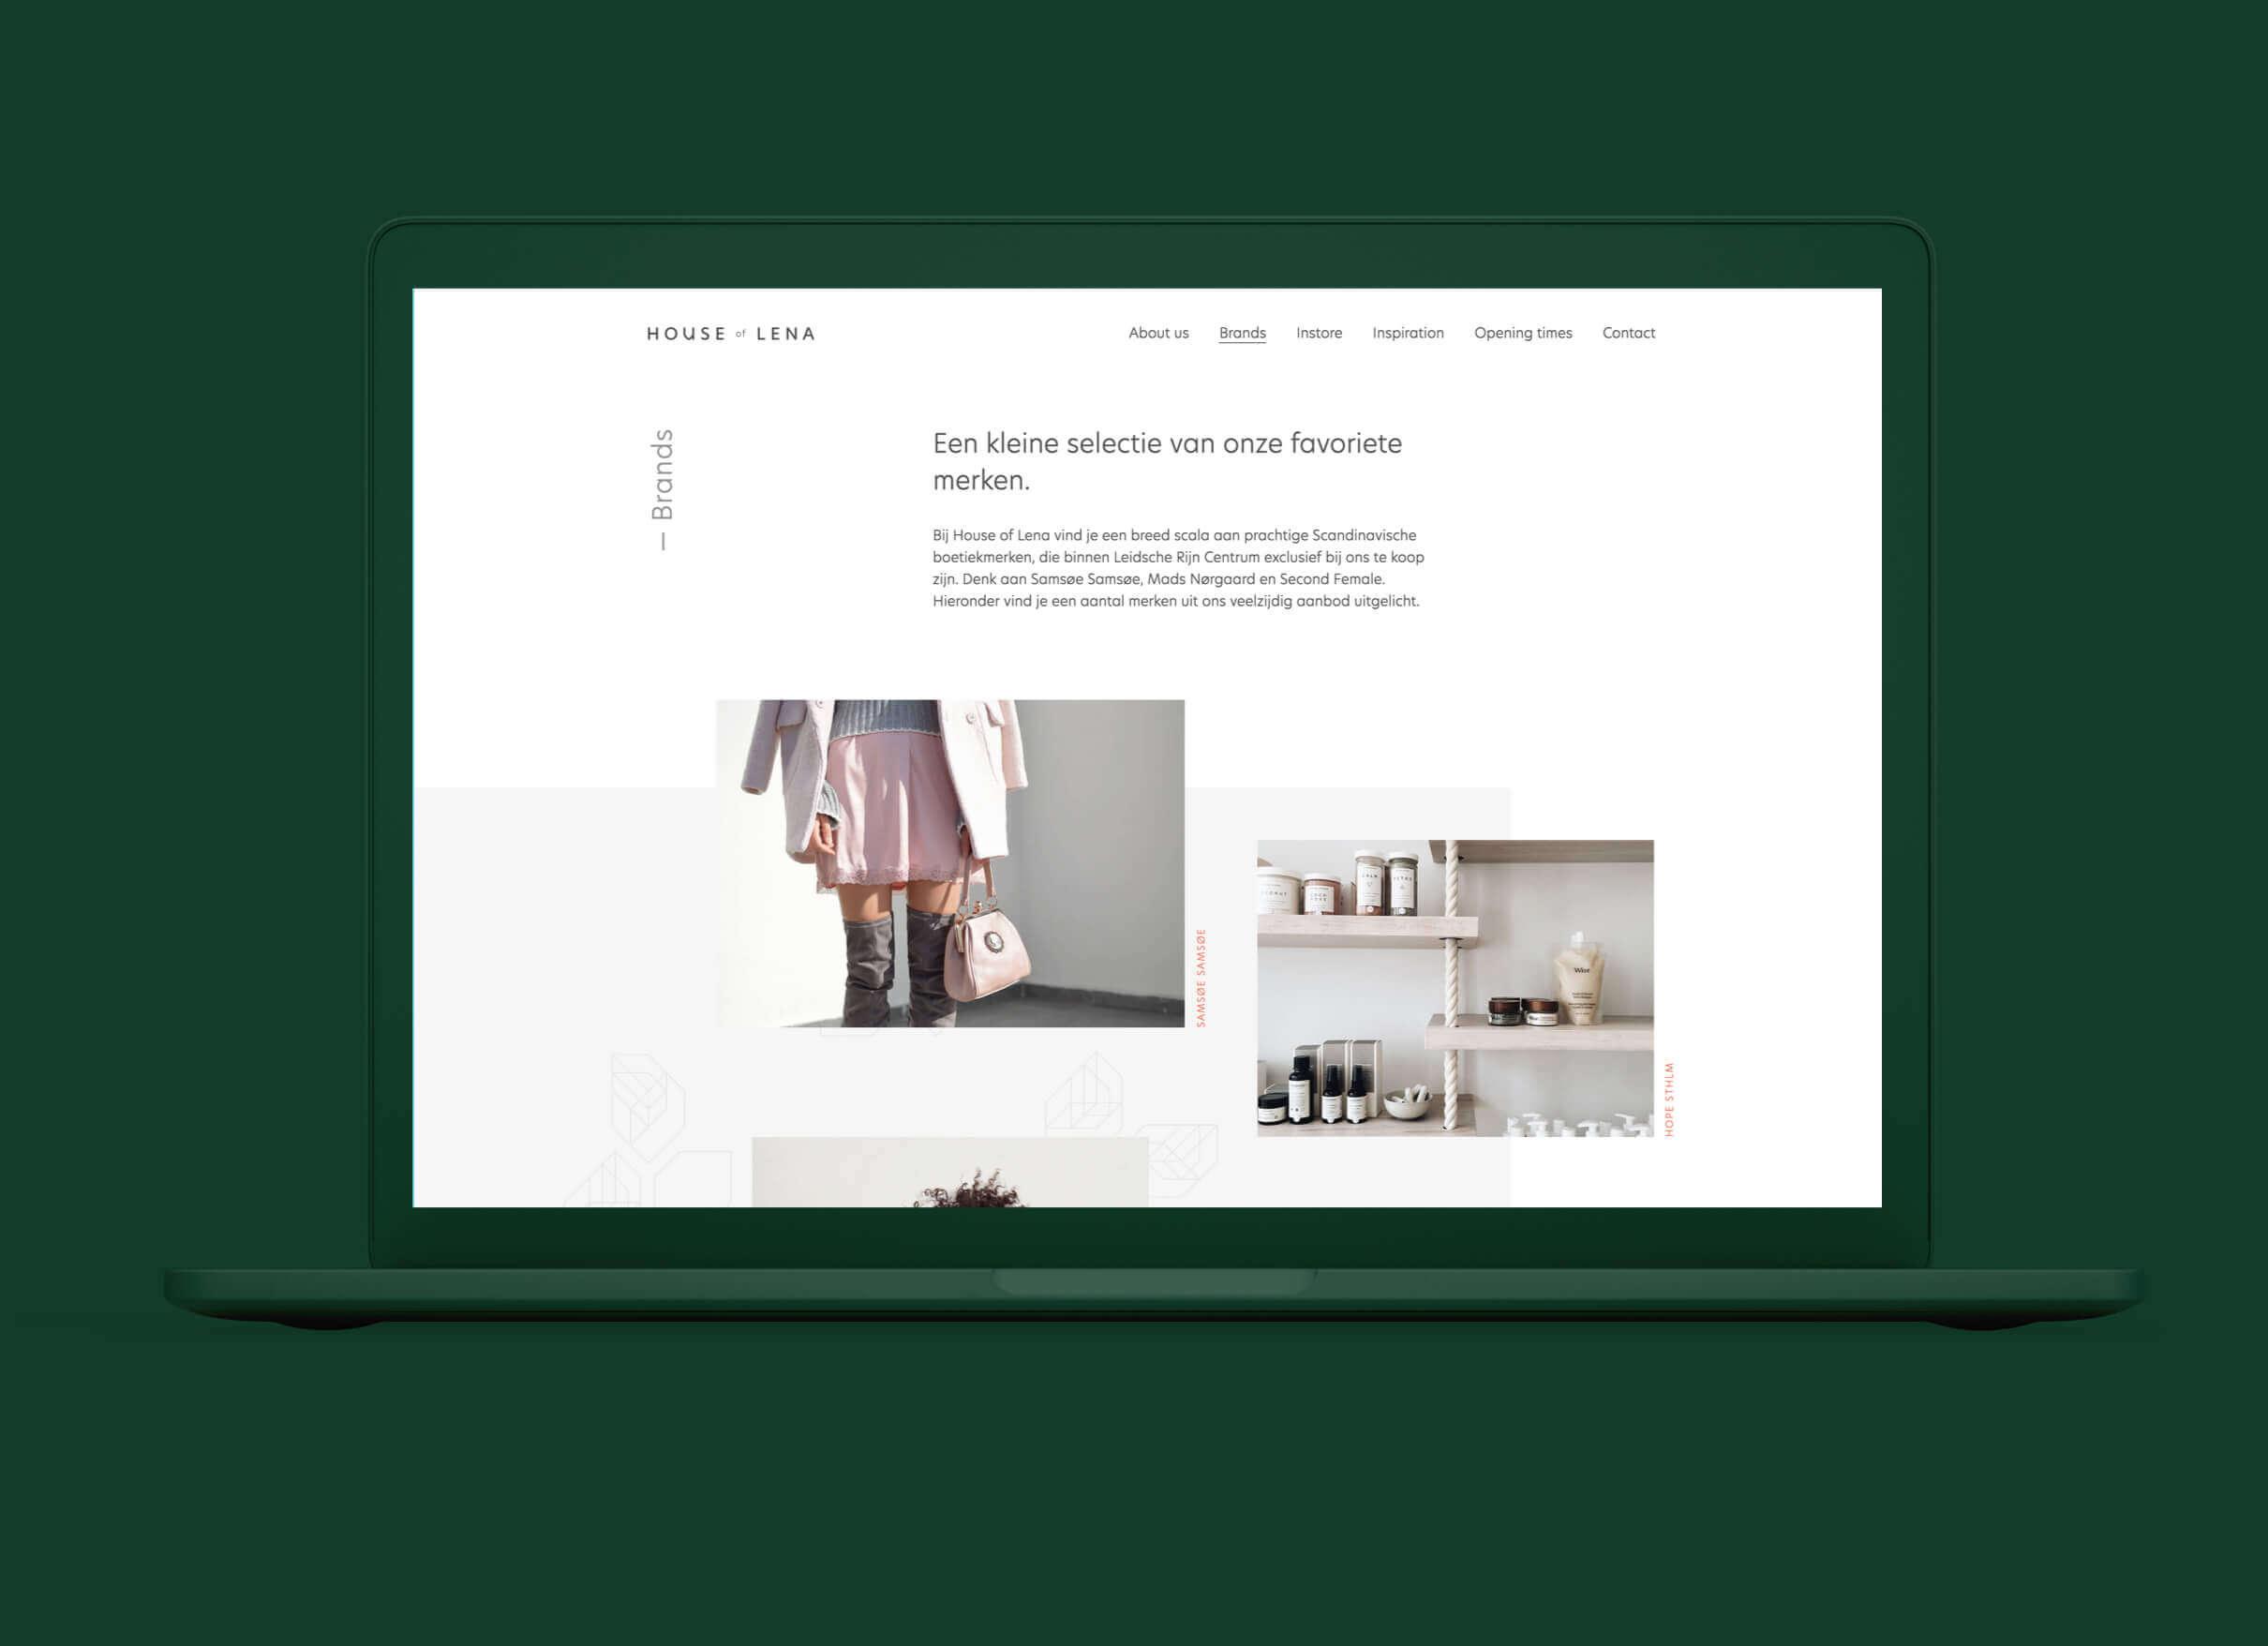 House of Lena afbeelding van favoriete merken sectie op homepage desktop